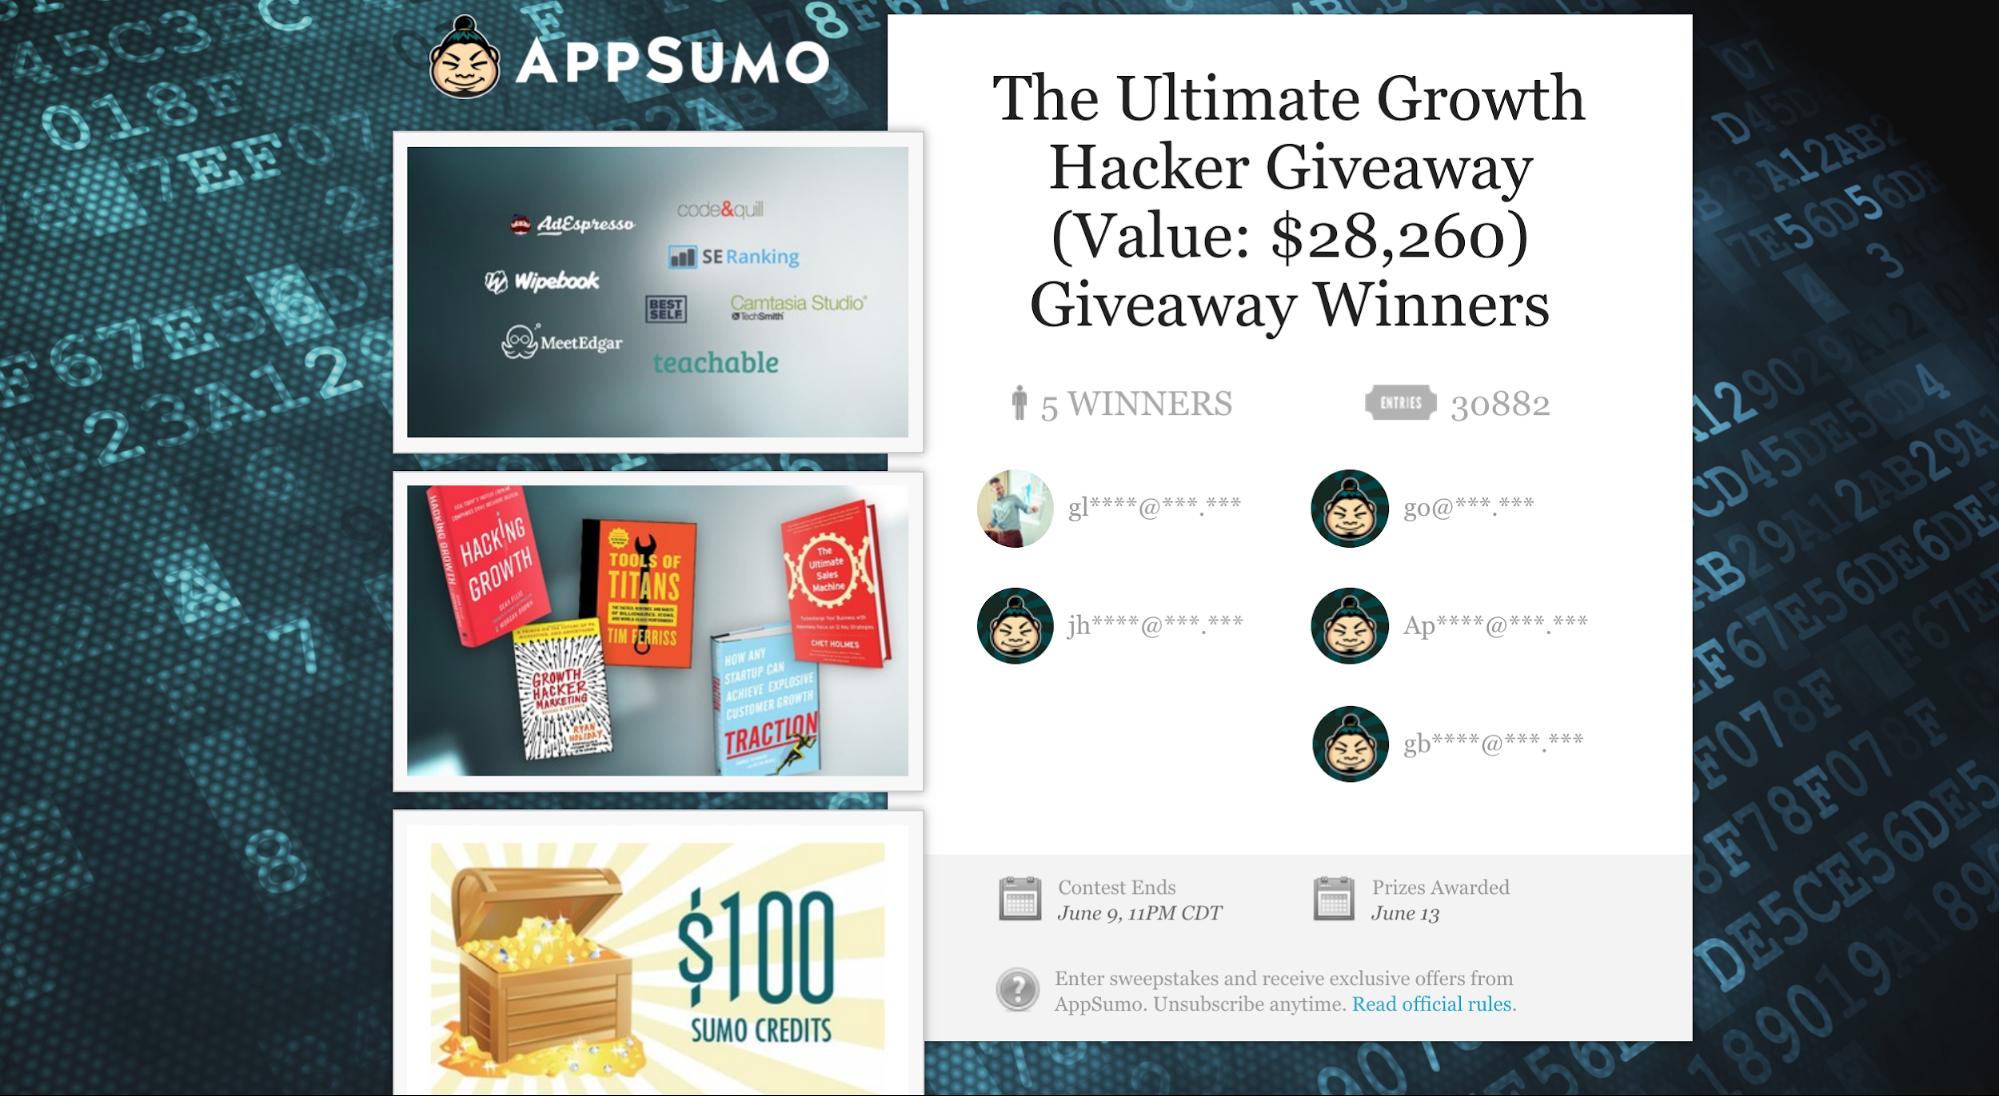 Screenshot showing an appsumo giveaway